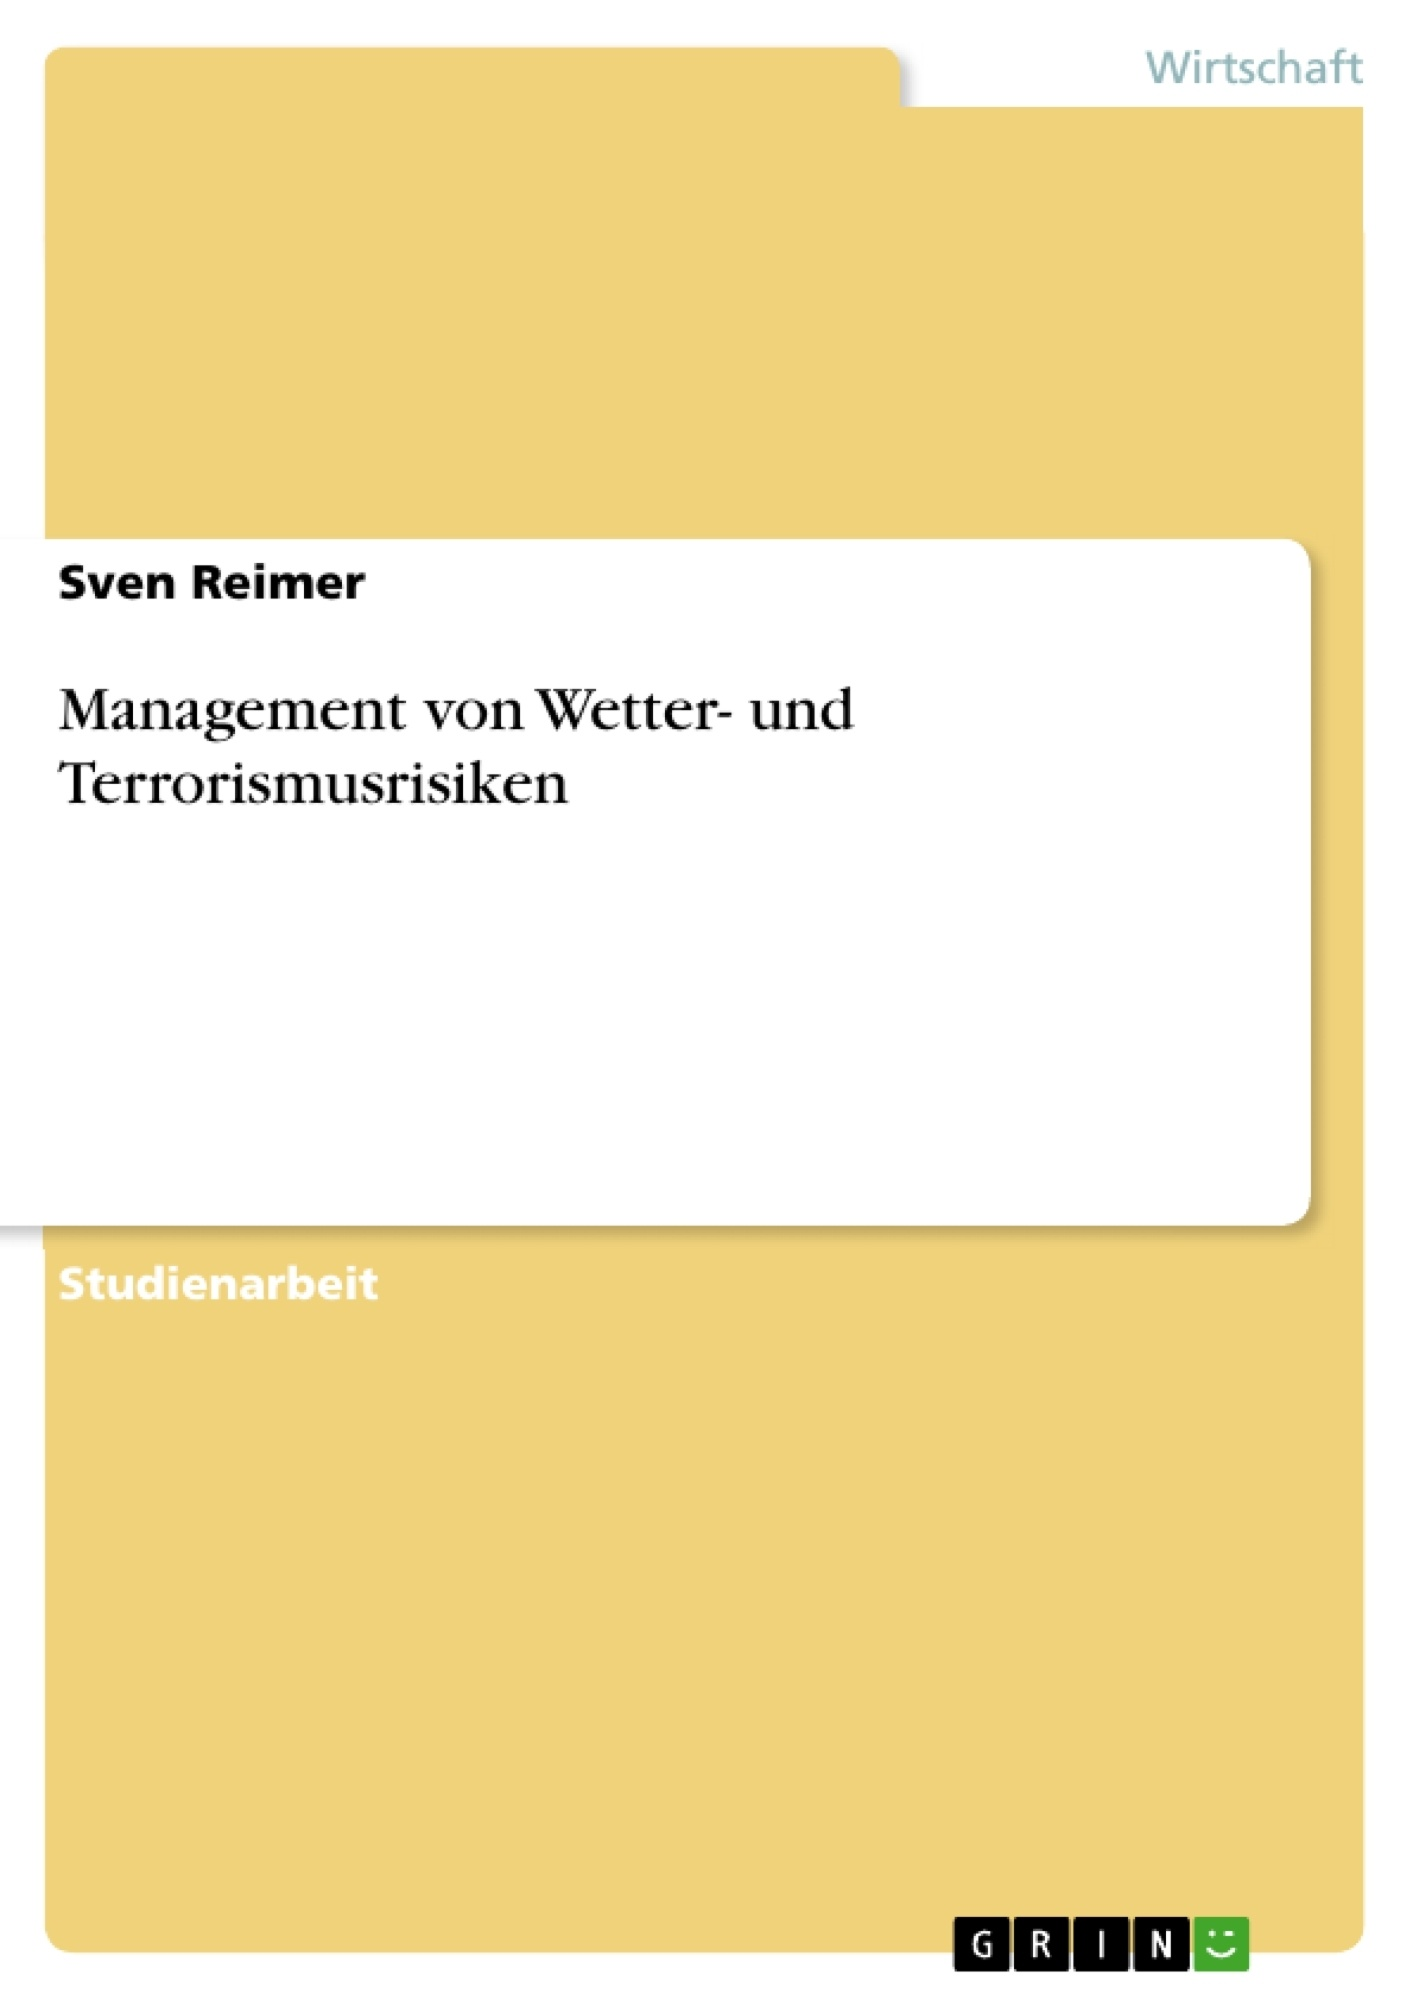 Titel: Management von Wetter- und Terrorismusrisiken